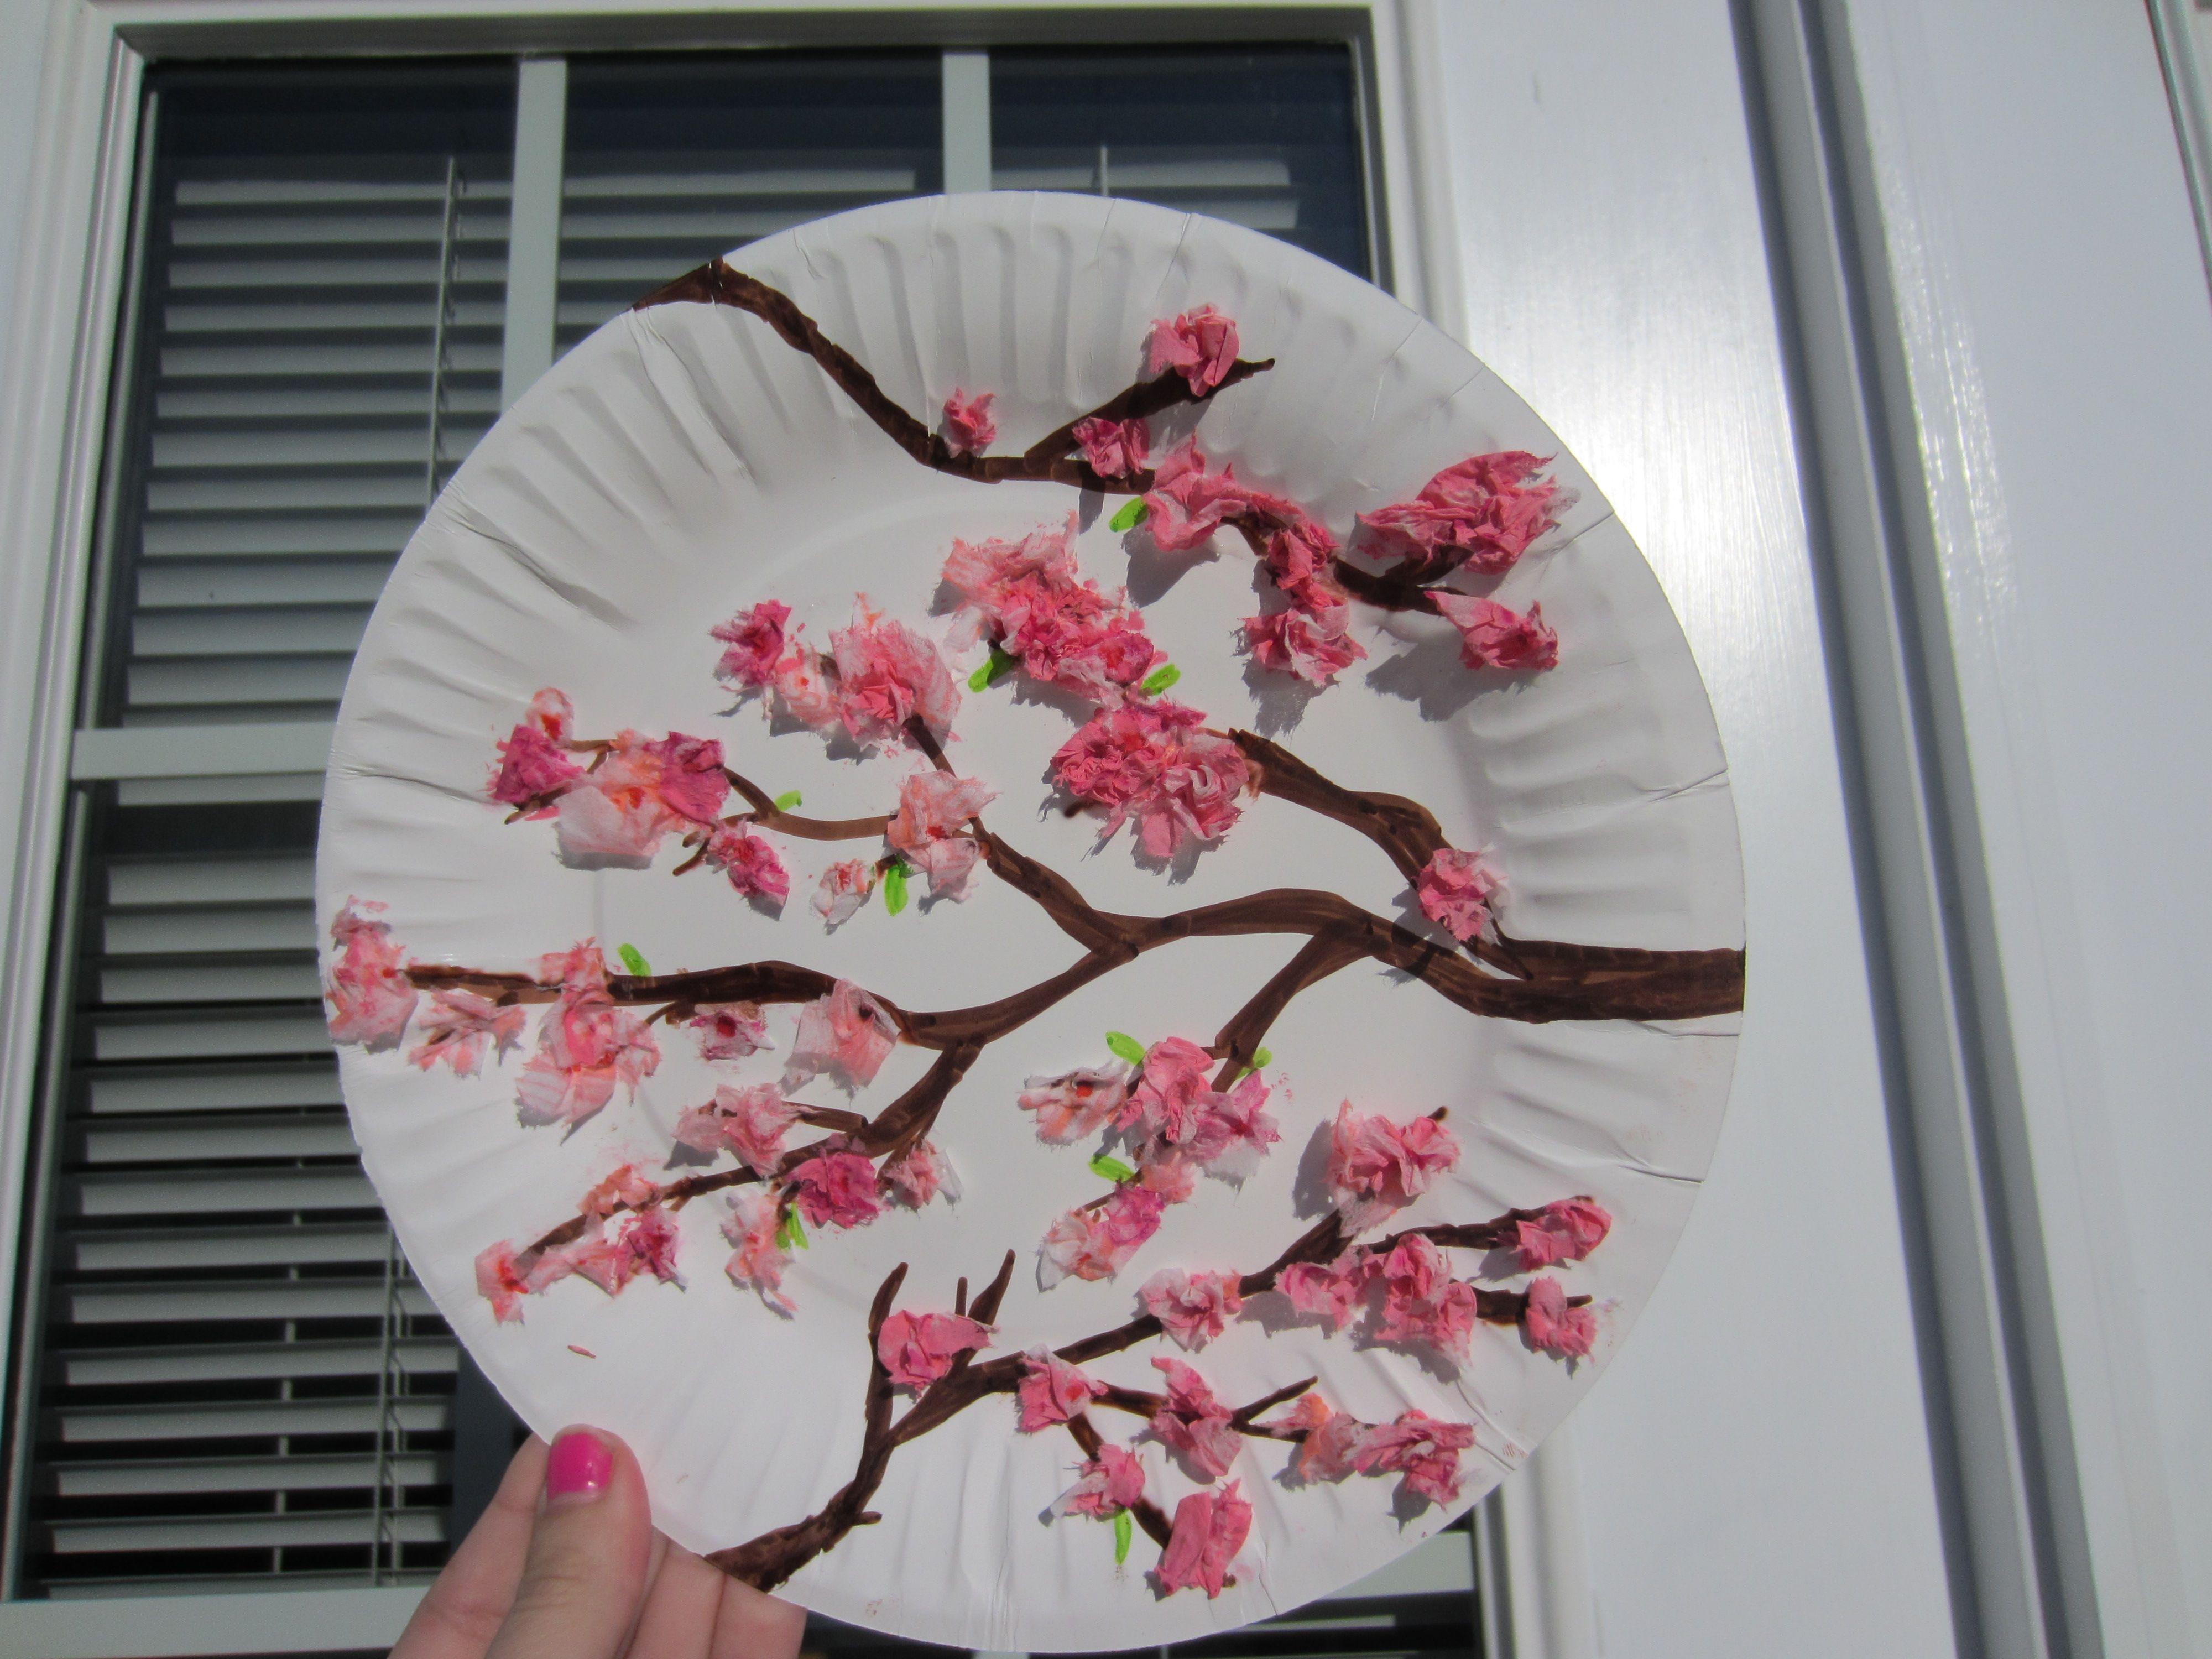 5 No Directive Cherry Blossom Art Cherry Blossom Art Blossoms Art Cherry Blossom Painting